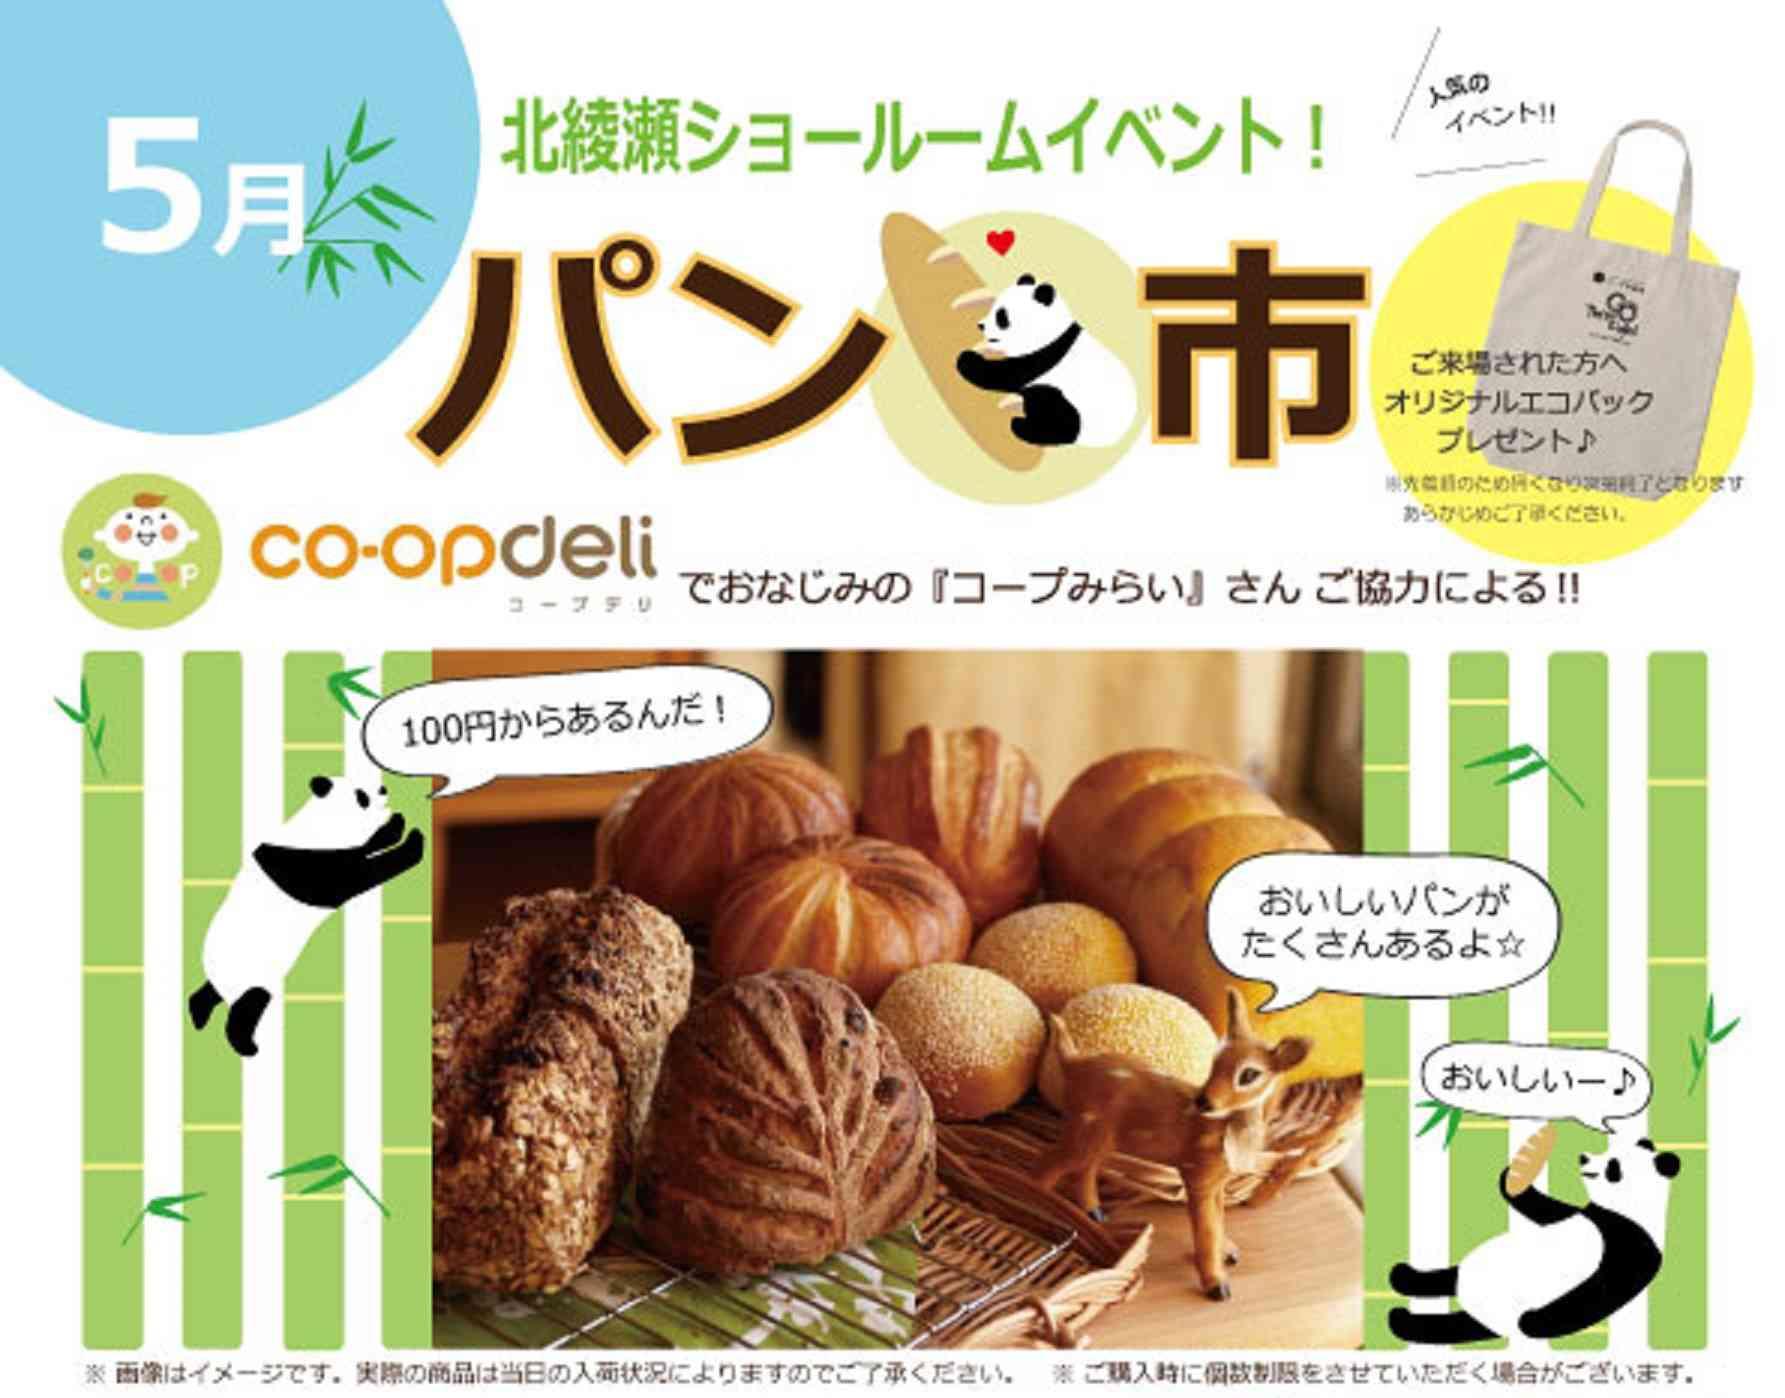 恒例イベント!5月25日(金)【パンフェア】 co-opさんと共同開催! @北綾瀬ショールーム